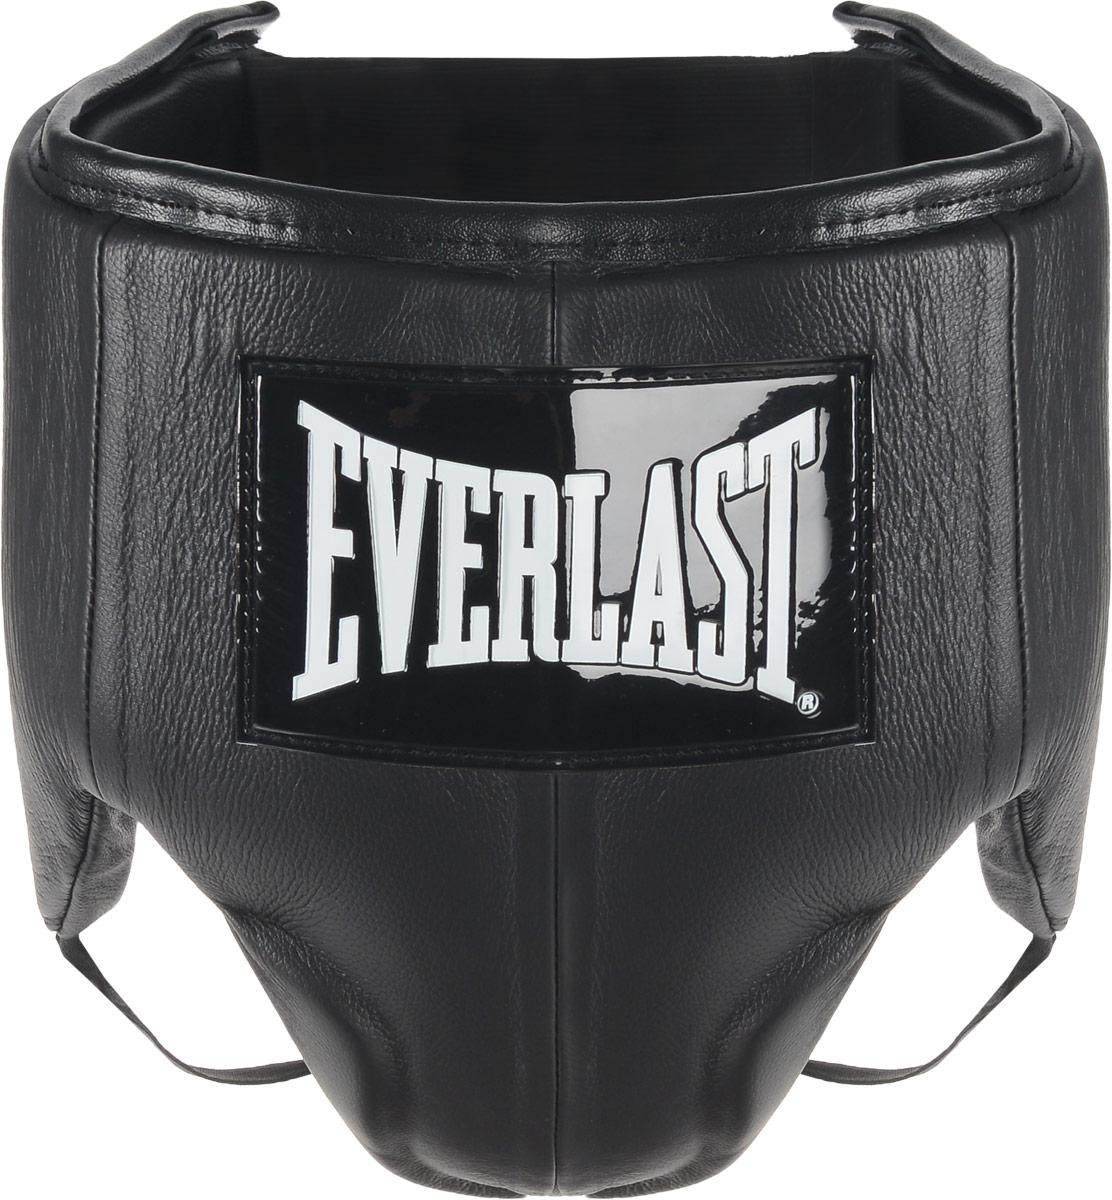 Защита паха мужская Everlast Velcro Top Pro, цвет: черный, белый. Размер L440401UEverlast Velcro Top Pro это удобный обтягивающий бандаж, идеально подходящий как для тренировочных спаррингов, так и для боя на ринге. Бандаж изготовлен из высококачественной натуральной кожи, а подкладка набита пенным наполнителем высокой плотности, благодаря чему достигается превосходная амортизация ударов. Усовершенствованный облегченный дизайн обеспечивает максимальную подвижность и комфорт, в то же время гарантируя безопасность и полную защиту паха и тазовой области. Удобные застежки на липучке позволят подогнать защиту под ваш размер и плотно зафиксировать ее на теле. Максимальный обхват: 105 см.Минимальный обхват: 94 см.